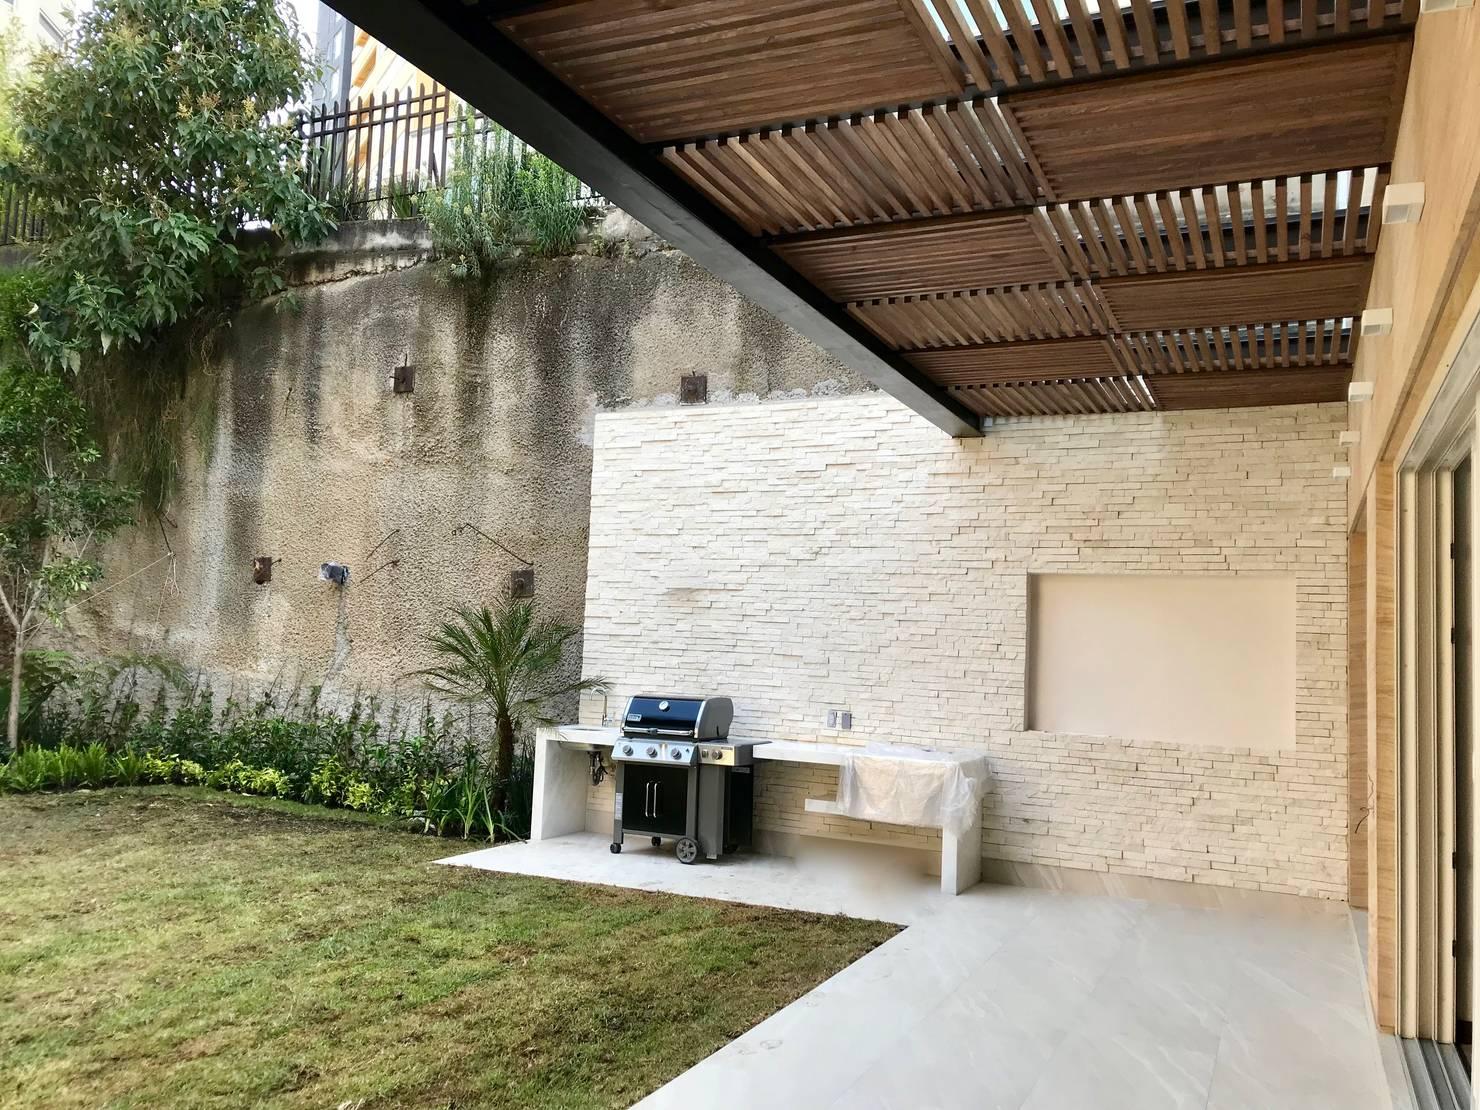 15 ideas geniales para revestir las paredes de tu patio (y terraza)